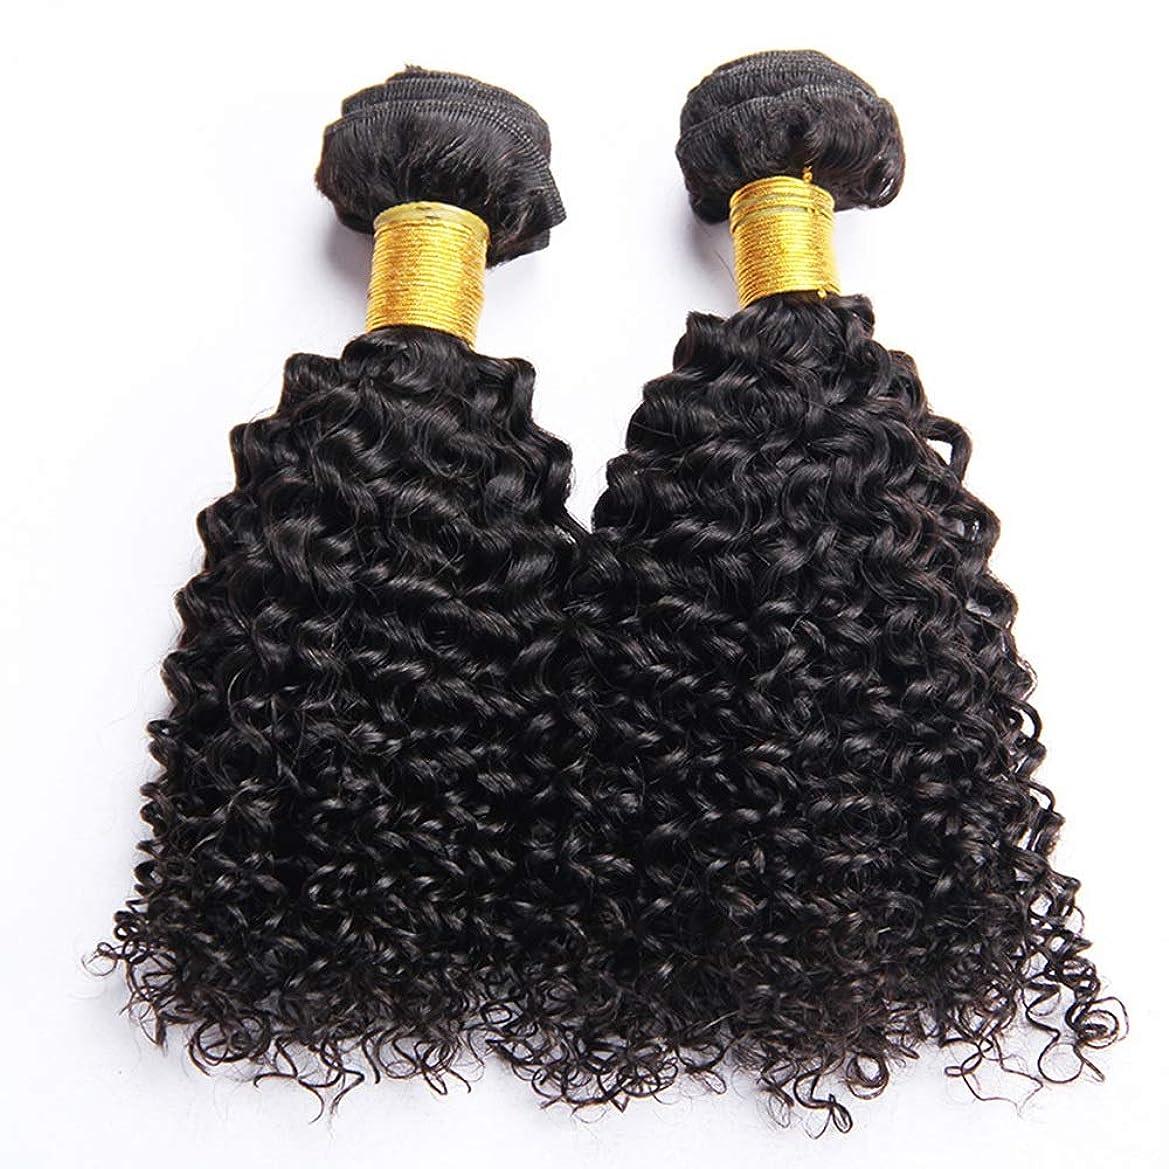 微妙番号贅沢Yrattary ブラジルバージンヘアウォーターウェーブ1バンドル未処理人間の髪織りエクステンション10-28インチナチュラルブラックカラーアフロウィッグ (色 : ブラック, サイズ : 26 inch)